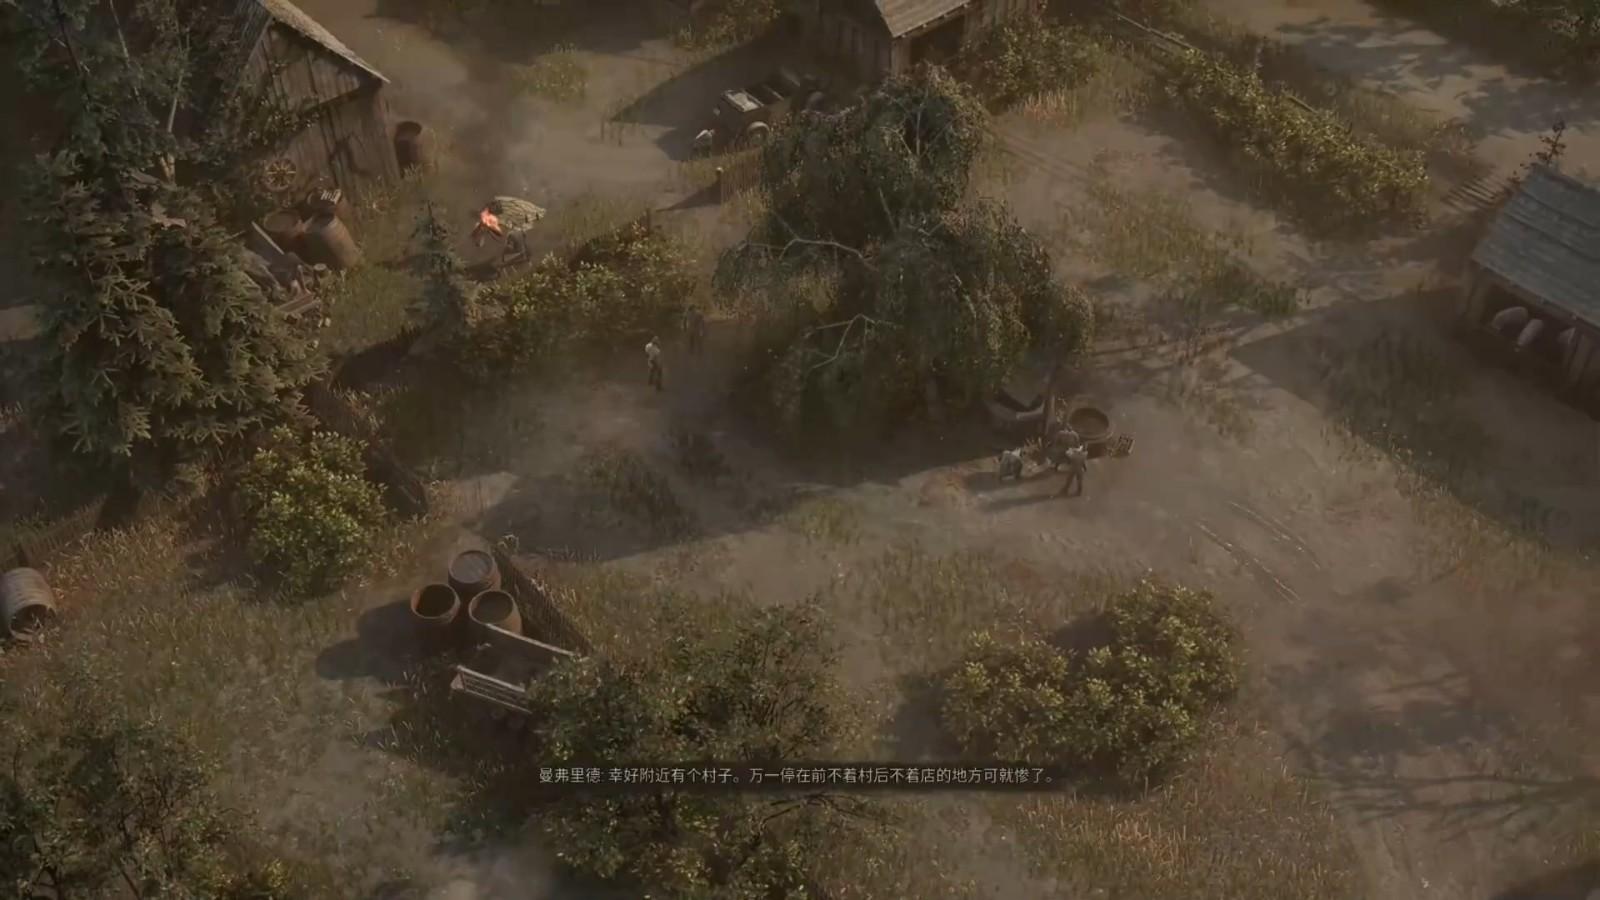 高能电玩节:RTS《被遗忘的我们》新宣传片公开